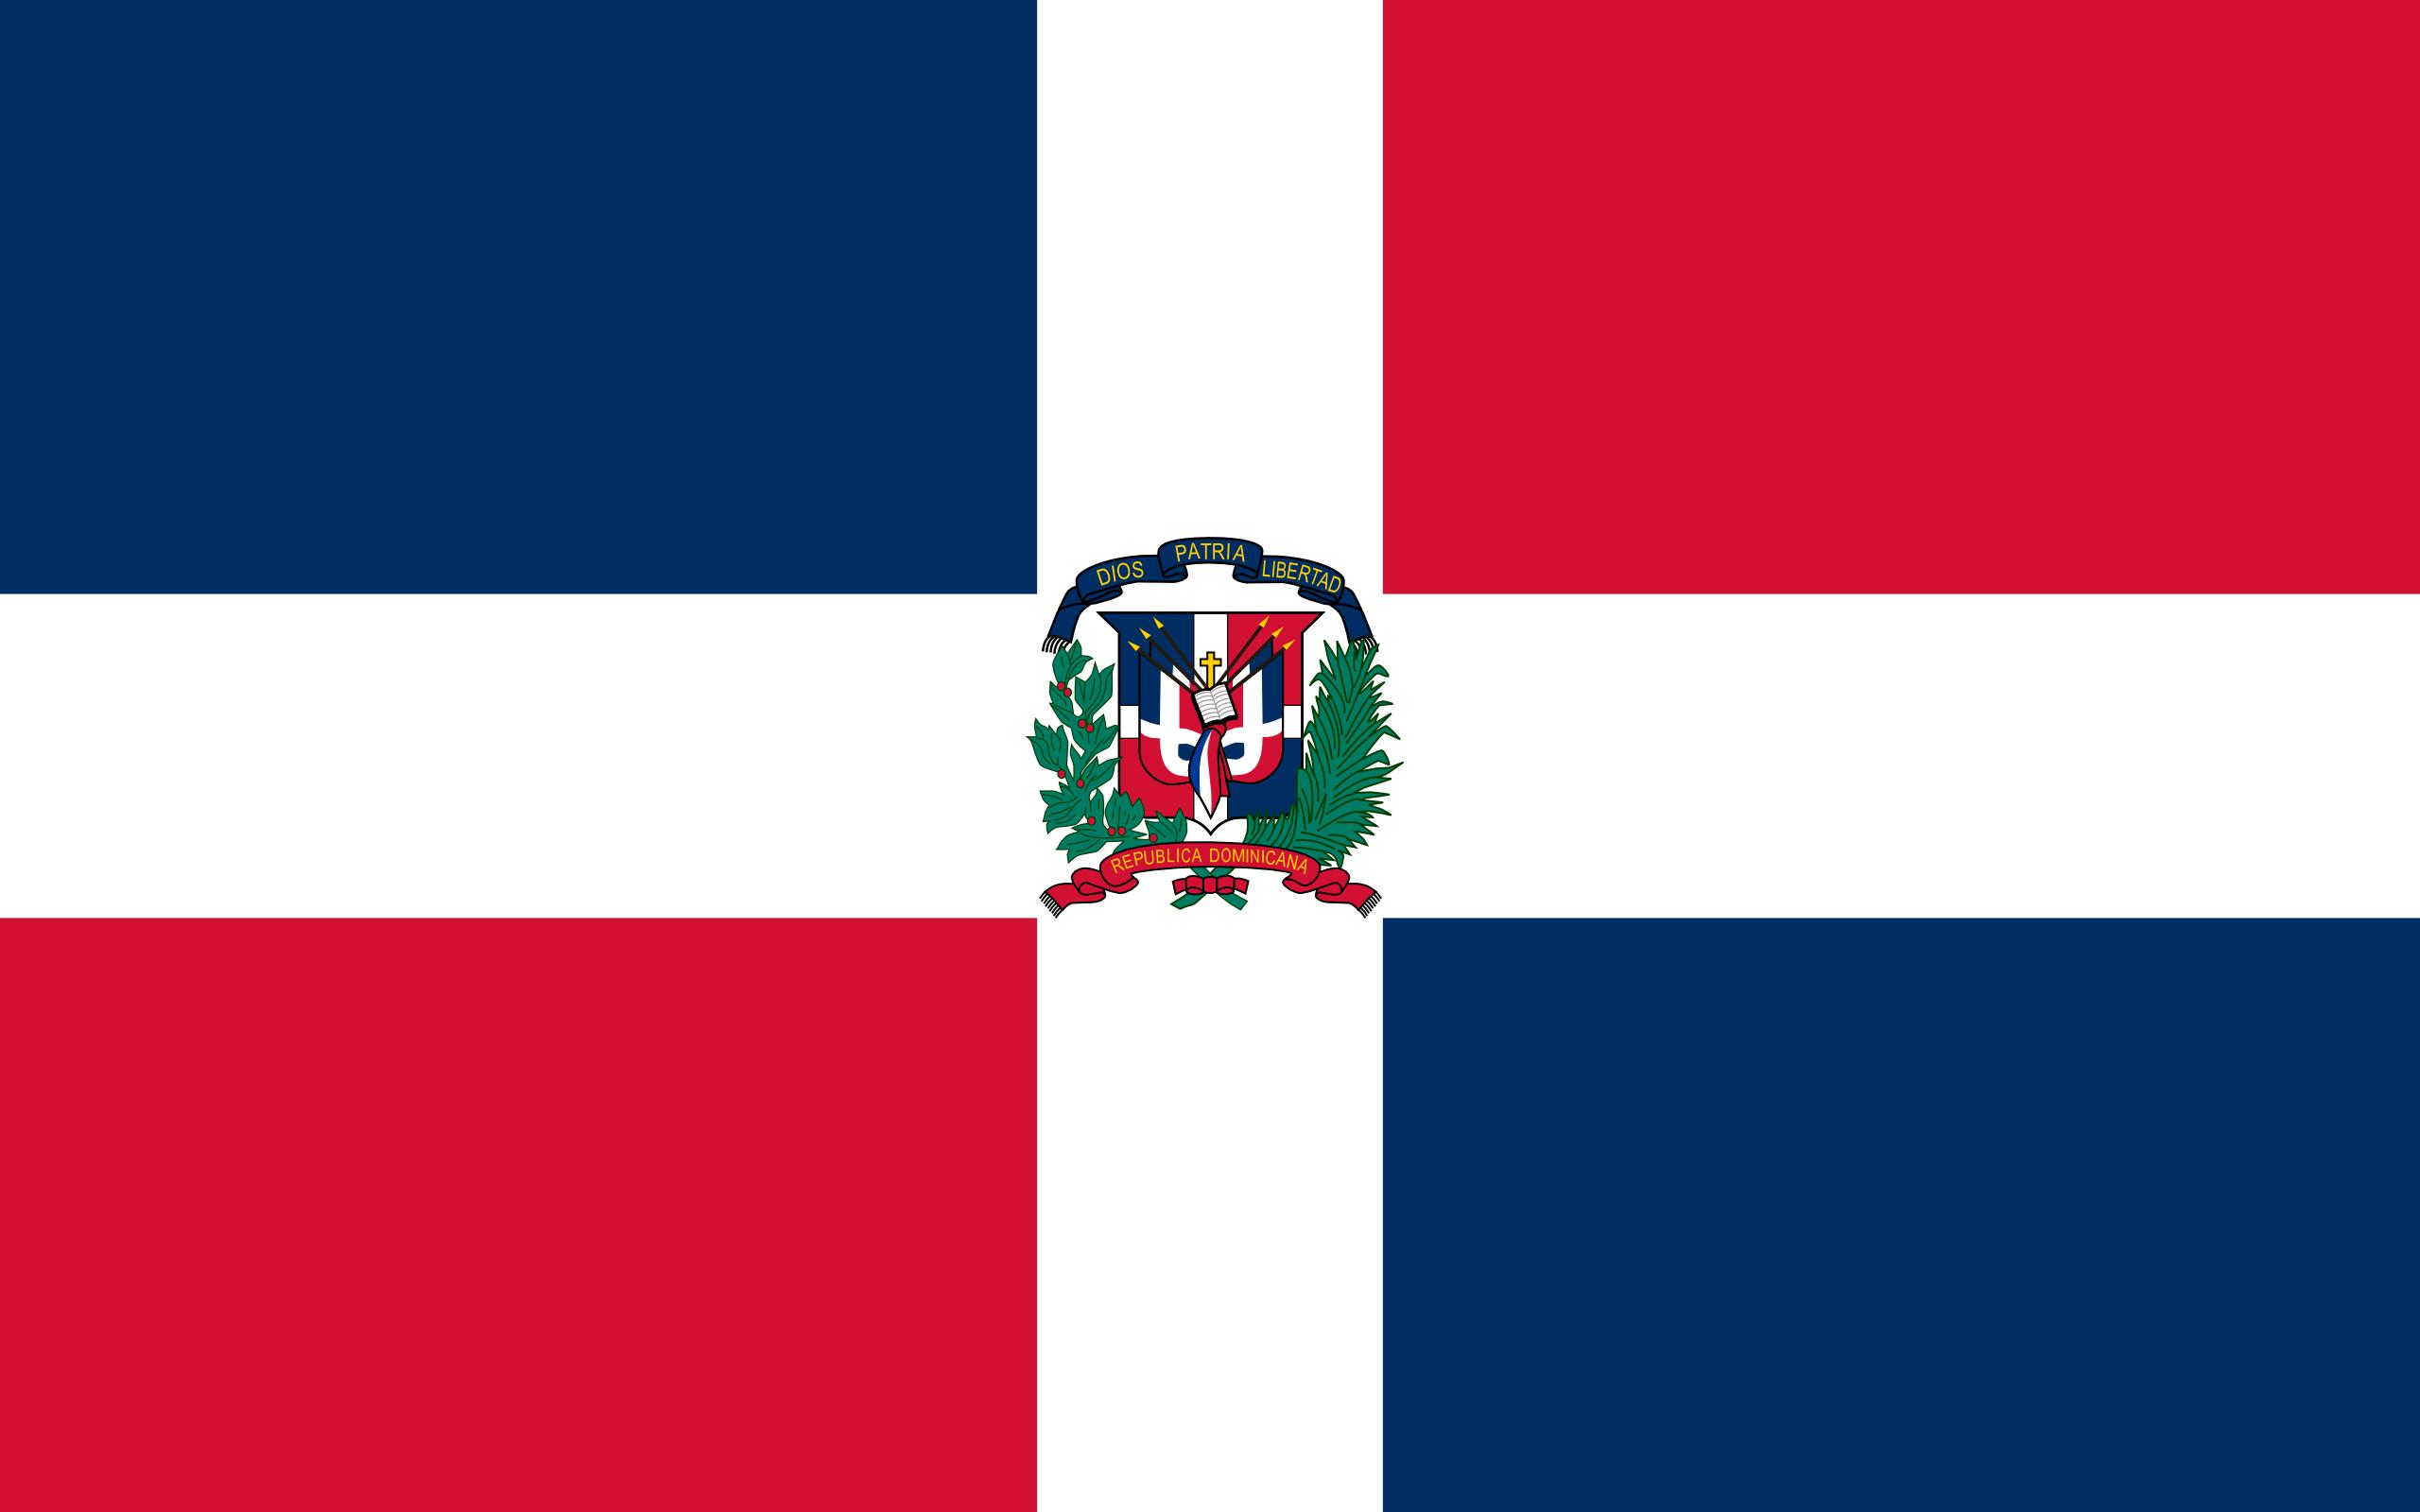 república dominicana, país, Brasão de armas, logotipo, símbolo - Papéis de parede HD - Professor-falken.com